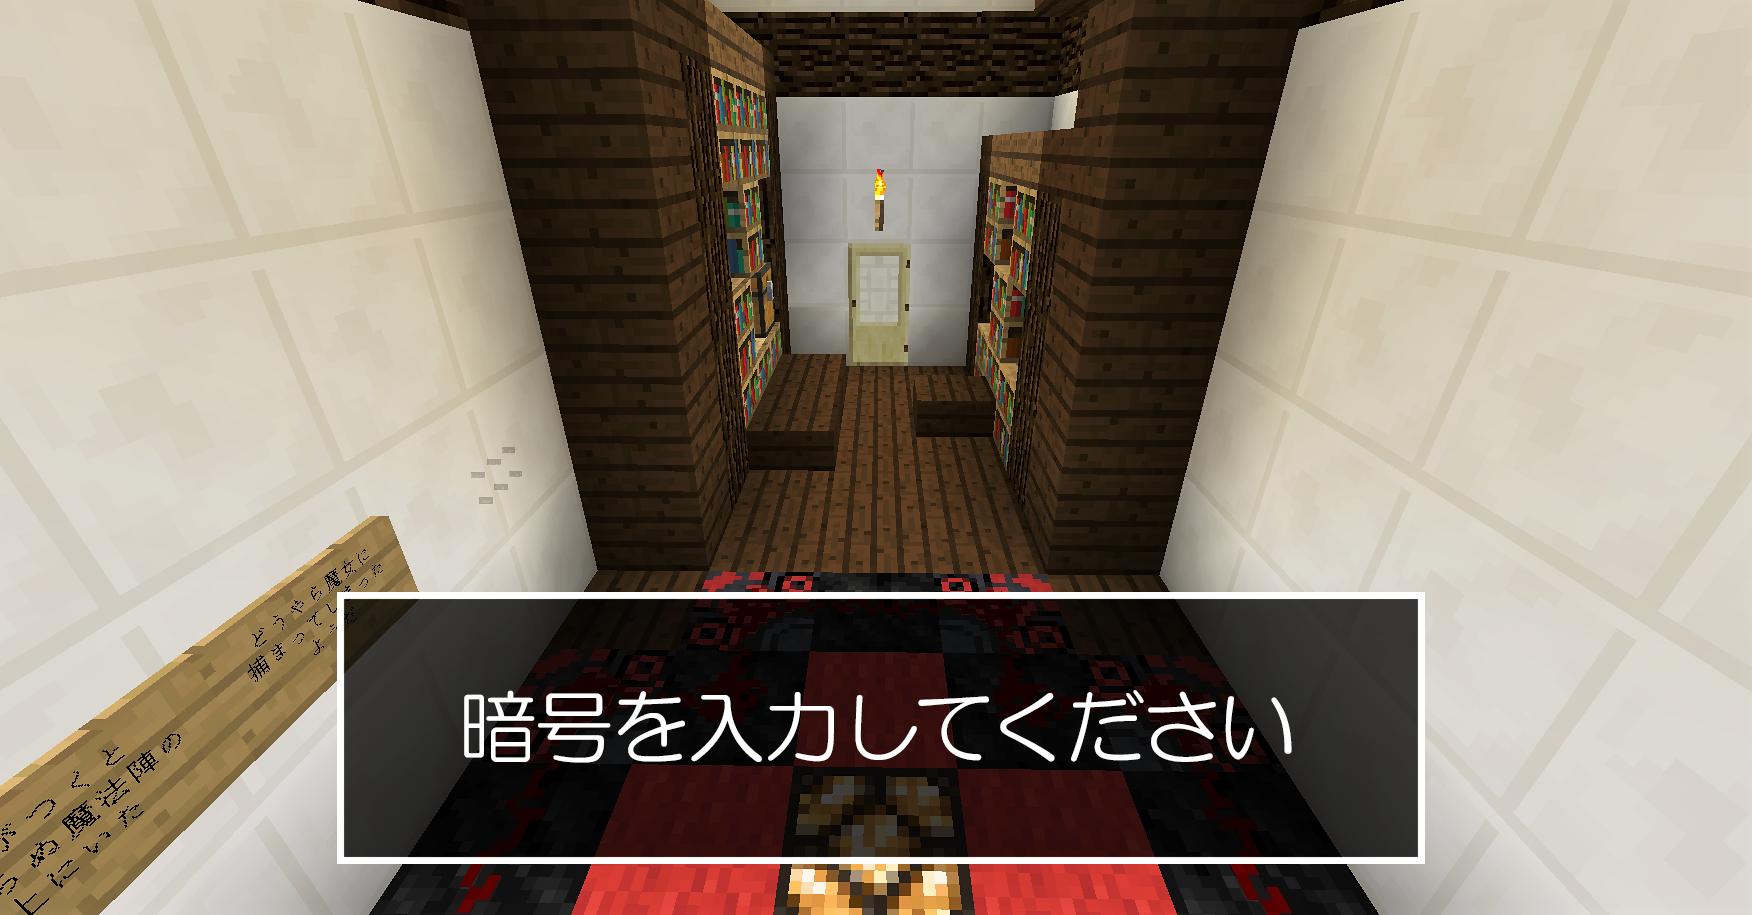 唯一のドア.png